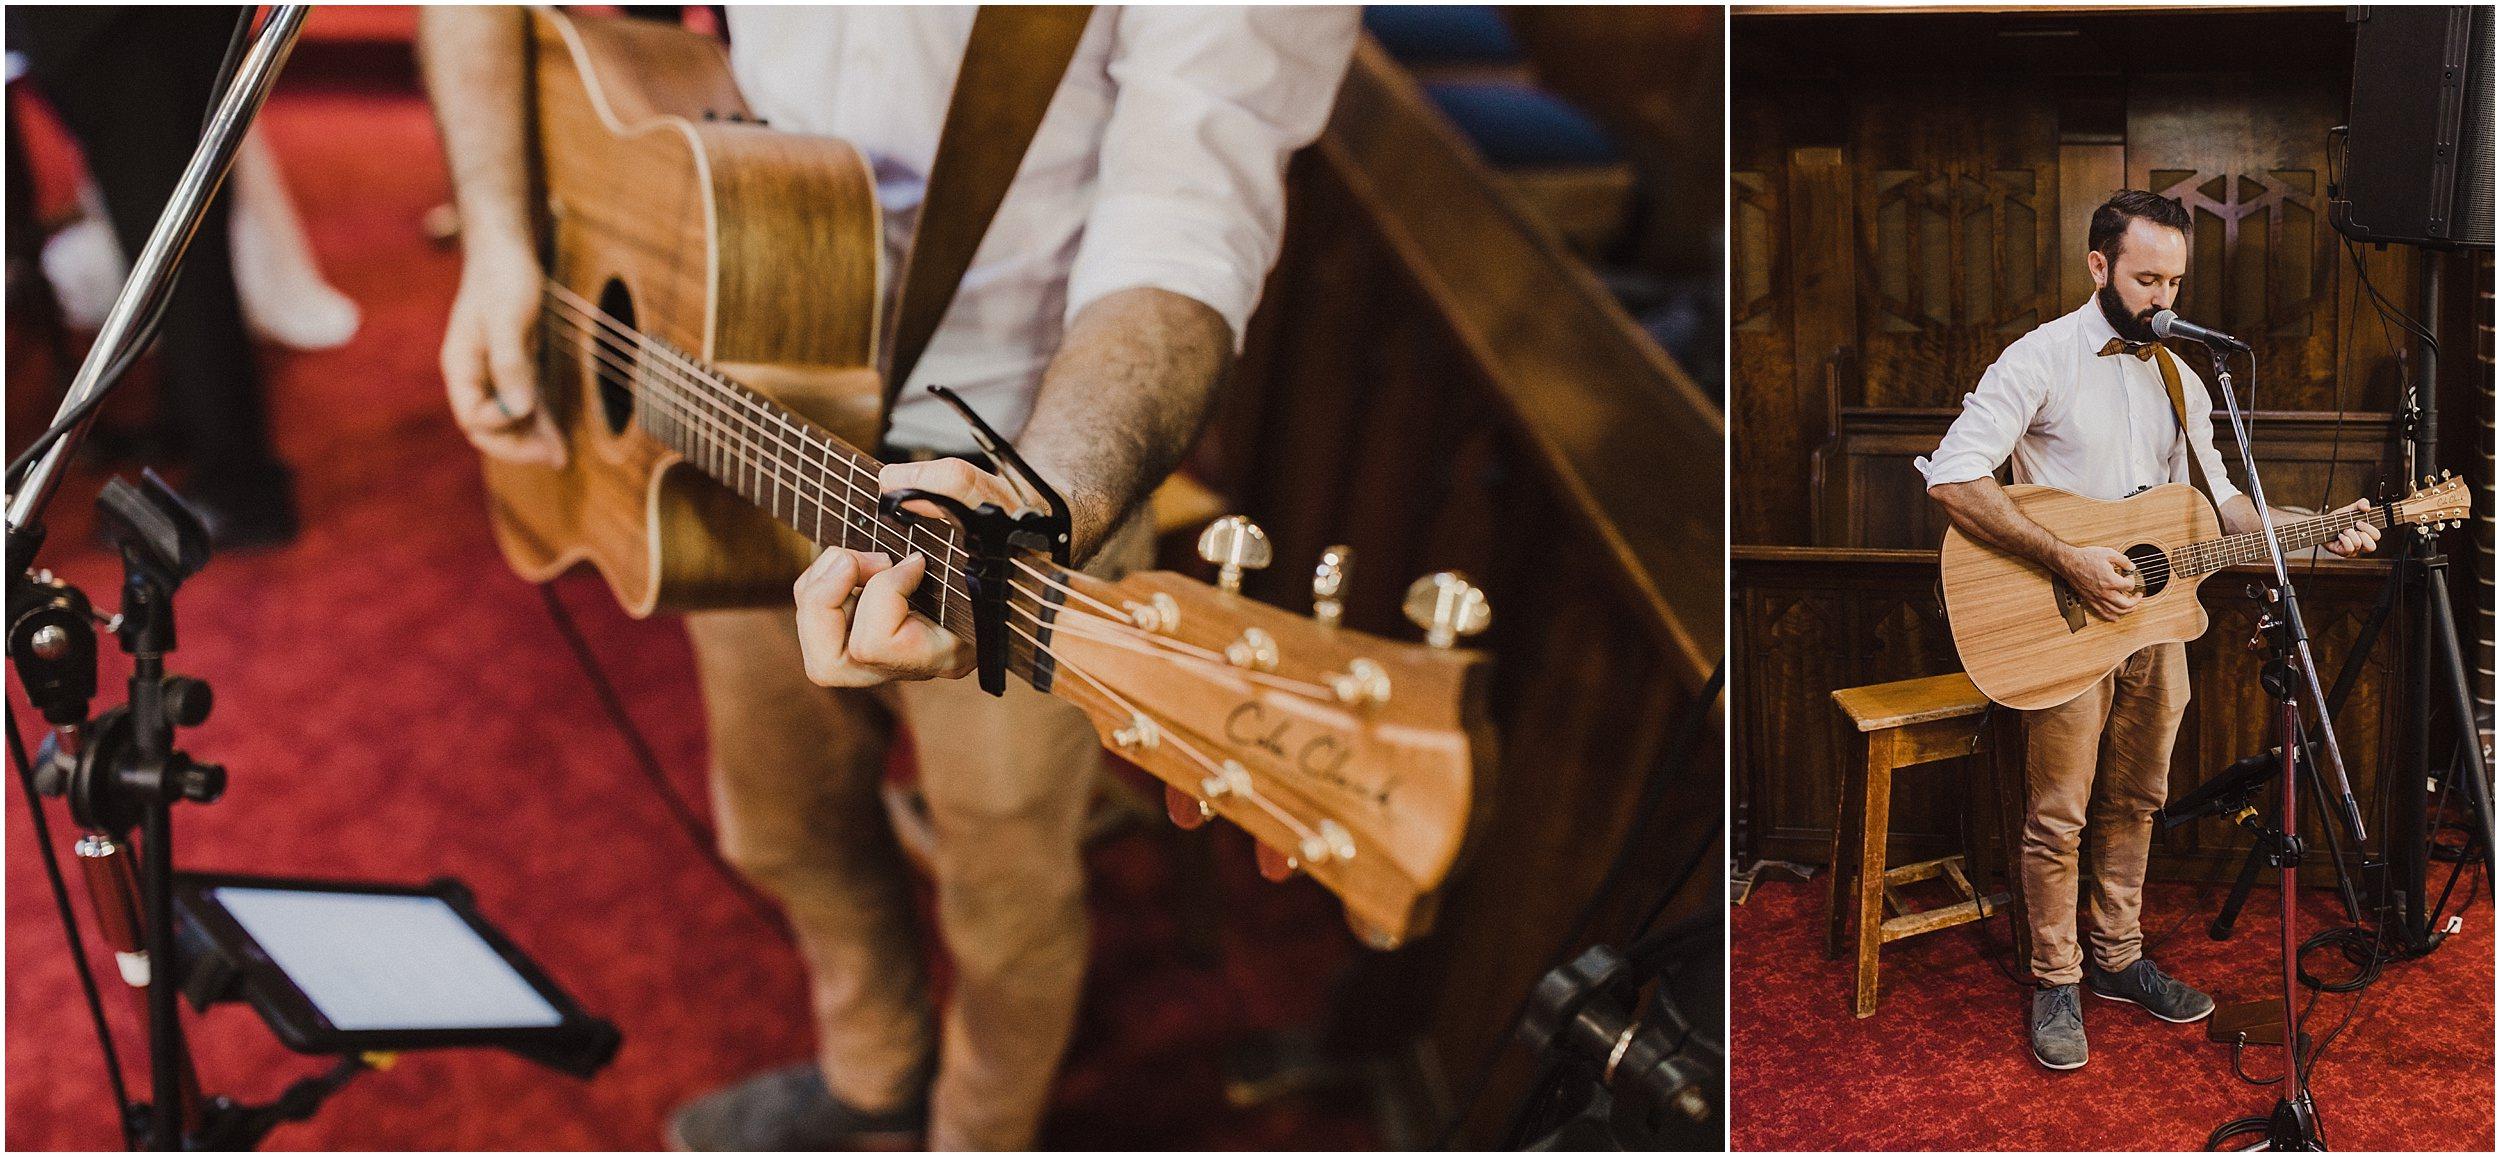 Sydney Wedding Ceremony - Duke Music